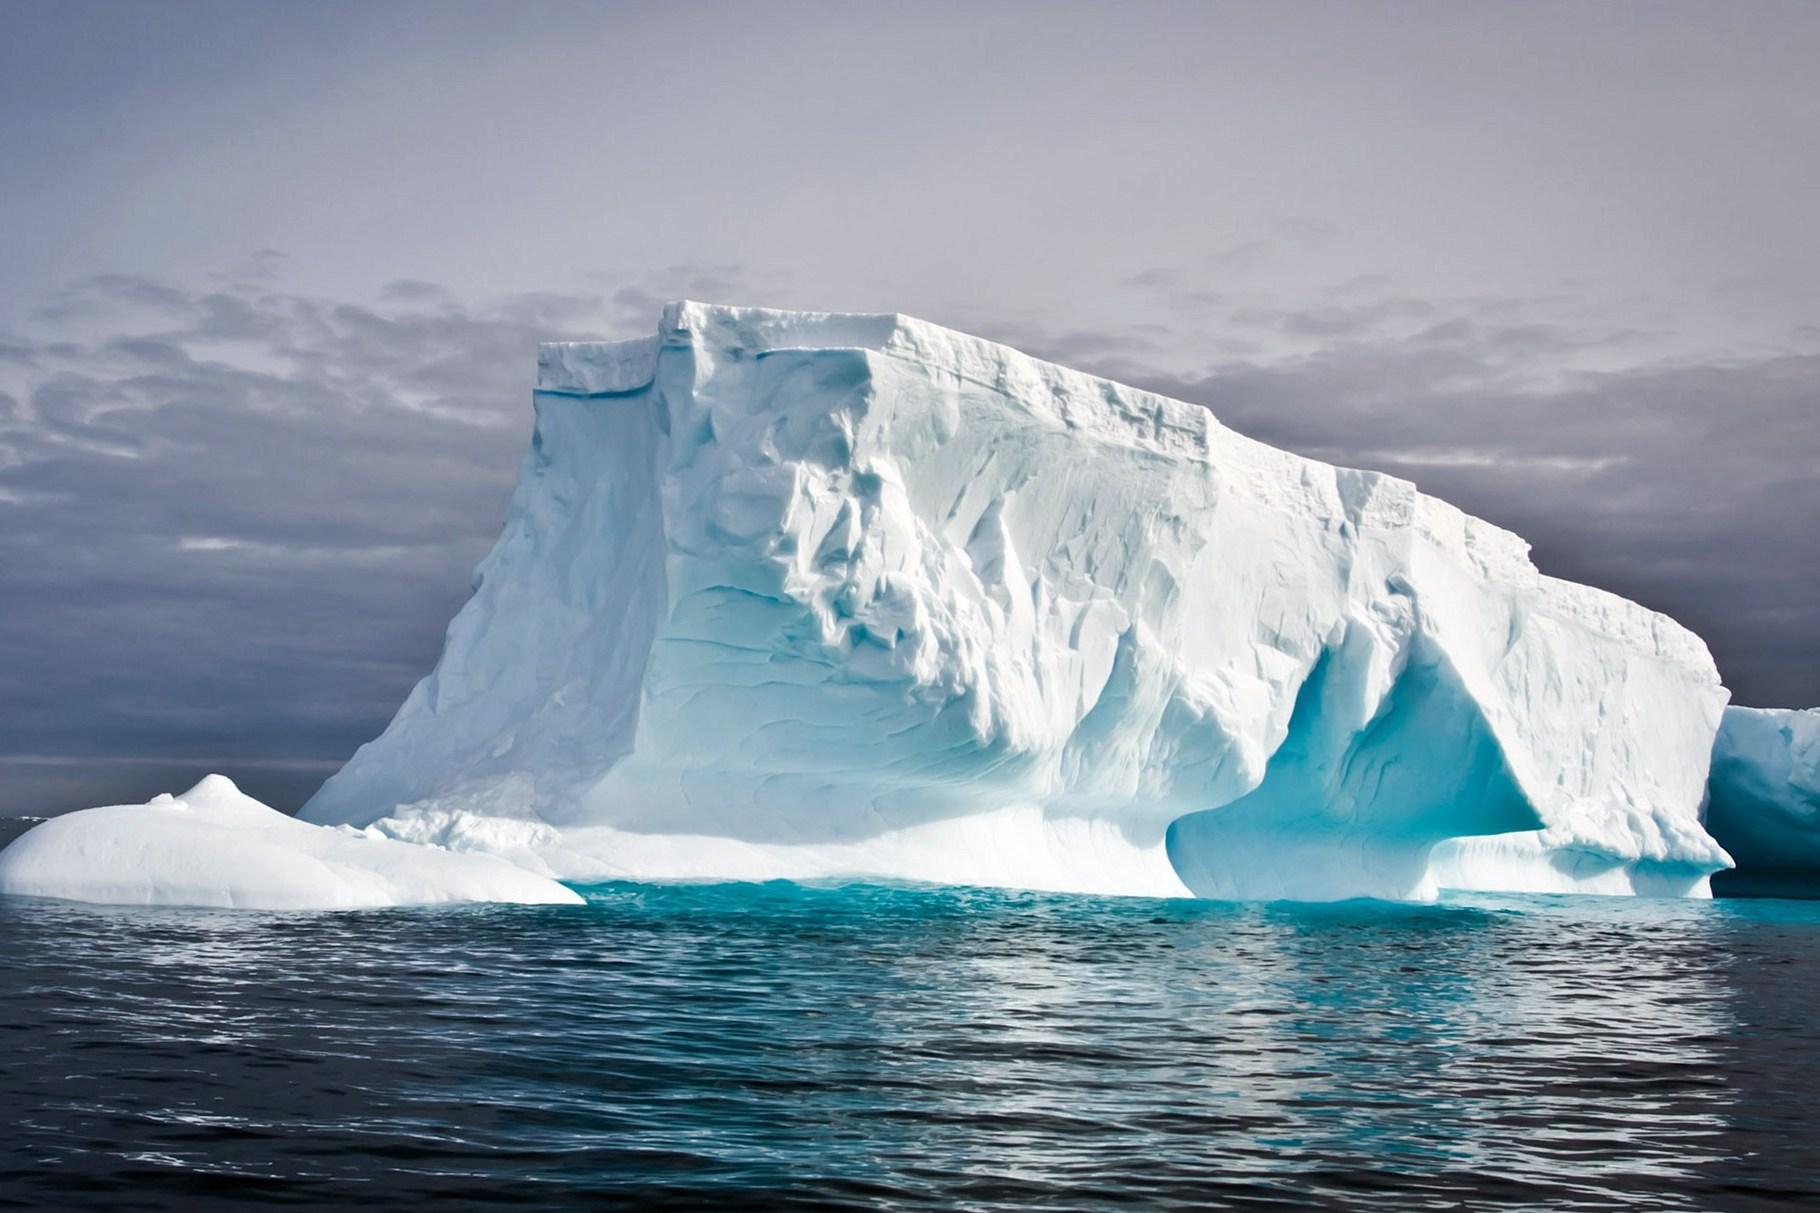 fdlx.com Таяние льдов в Антарктике и Арктике влияет на земную кору